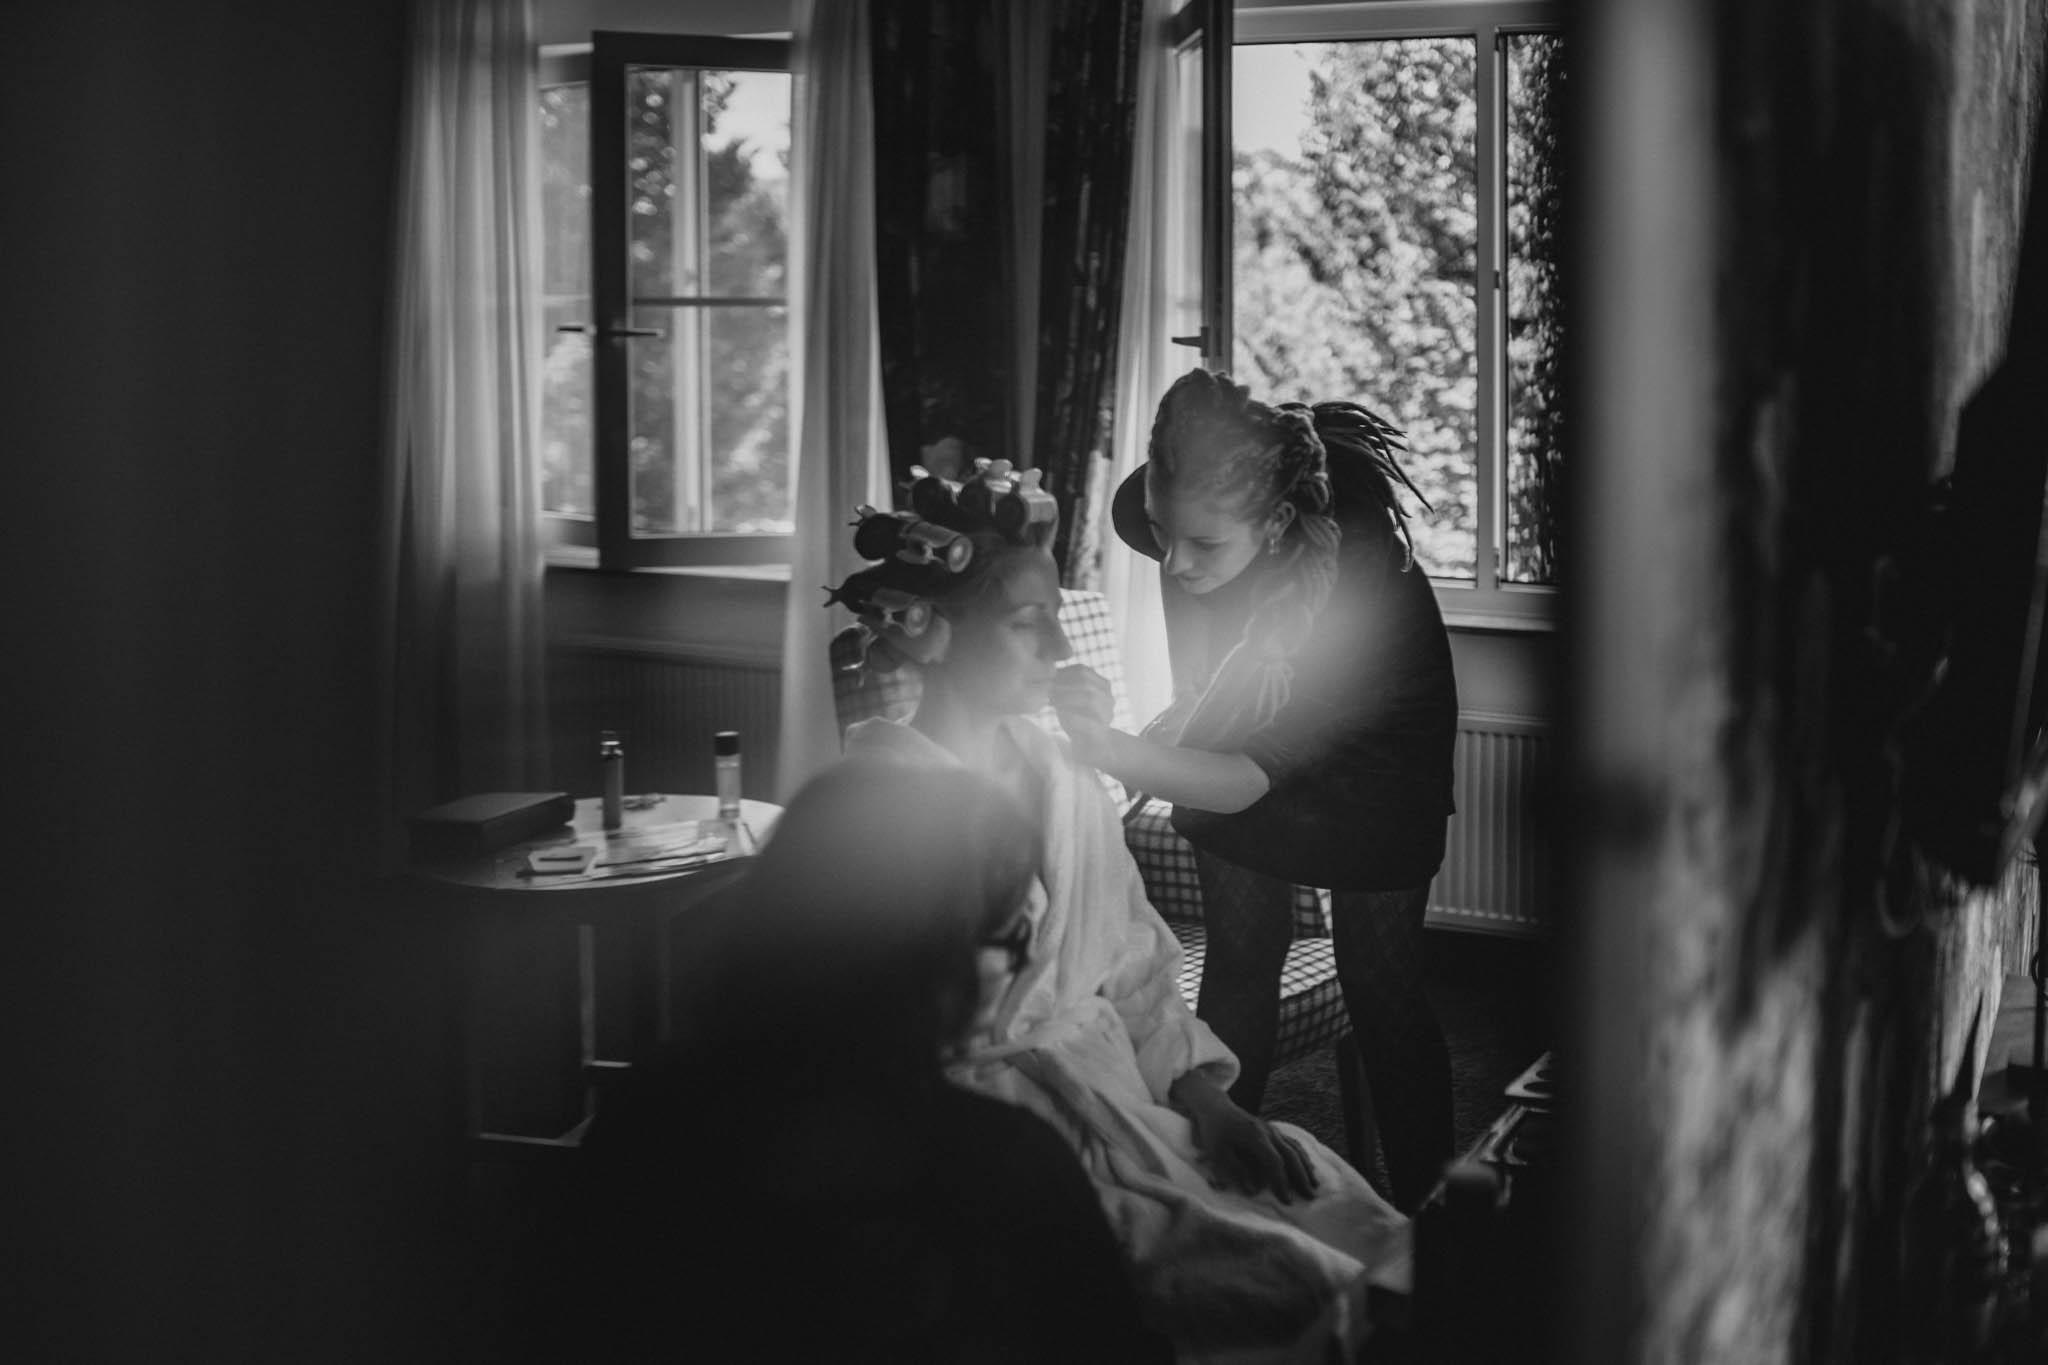 Hochzeitsfieber by Photo-Schomburg, Hochzeitsfotograf, Hamburg,Hochzeitstag, Hochzeitspaar, Braut, Bräutigam, Kaltenkirchen-12